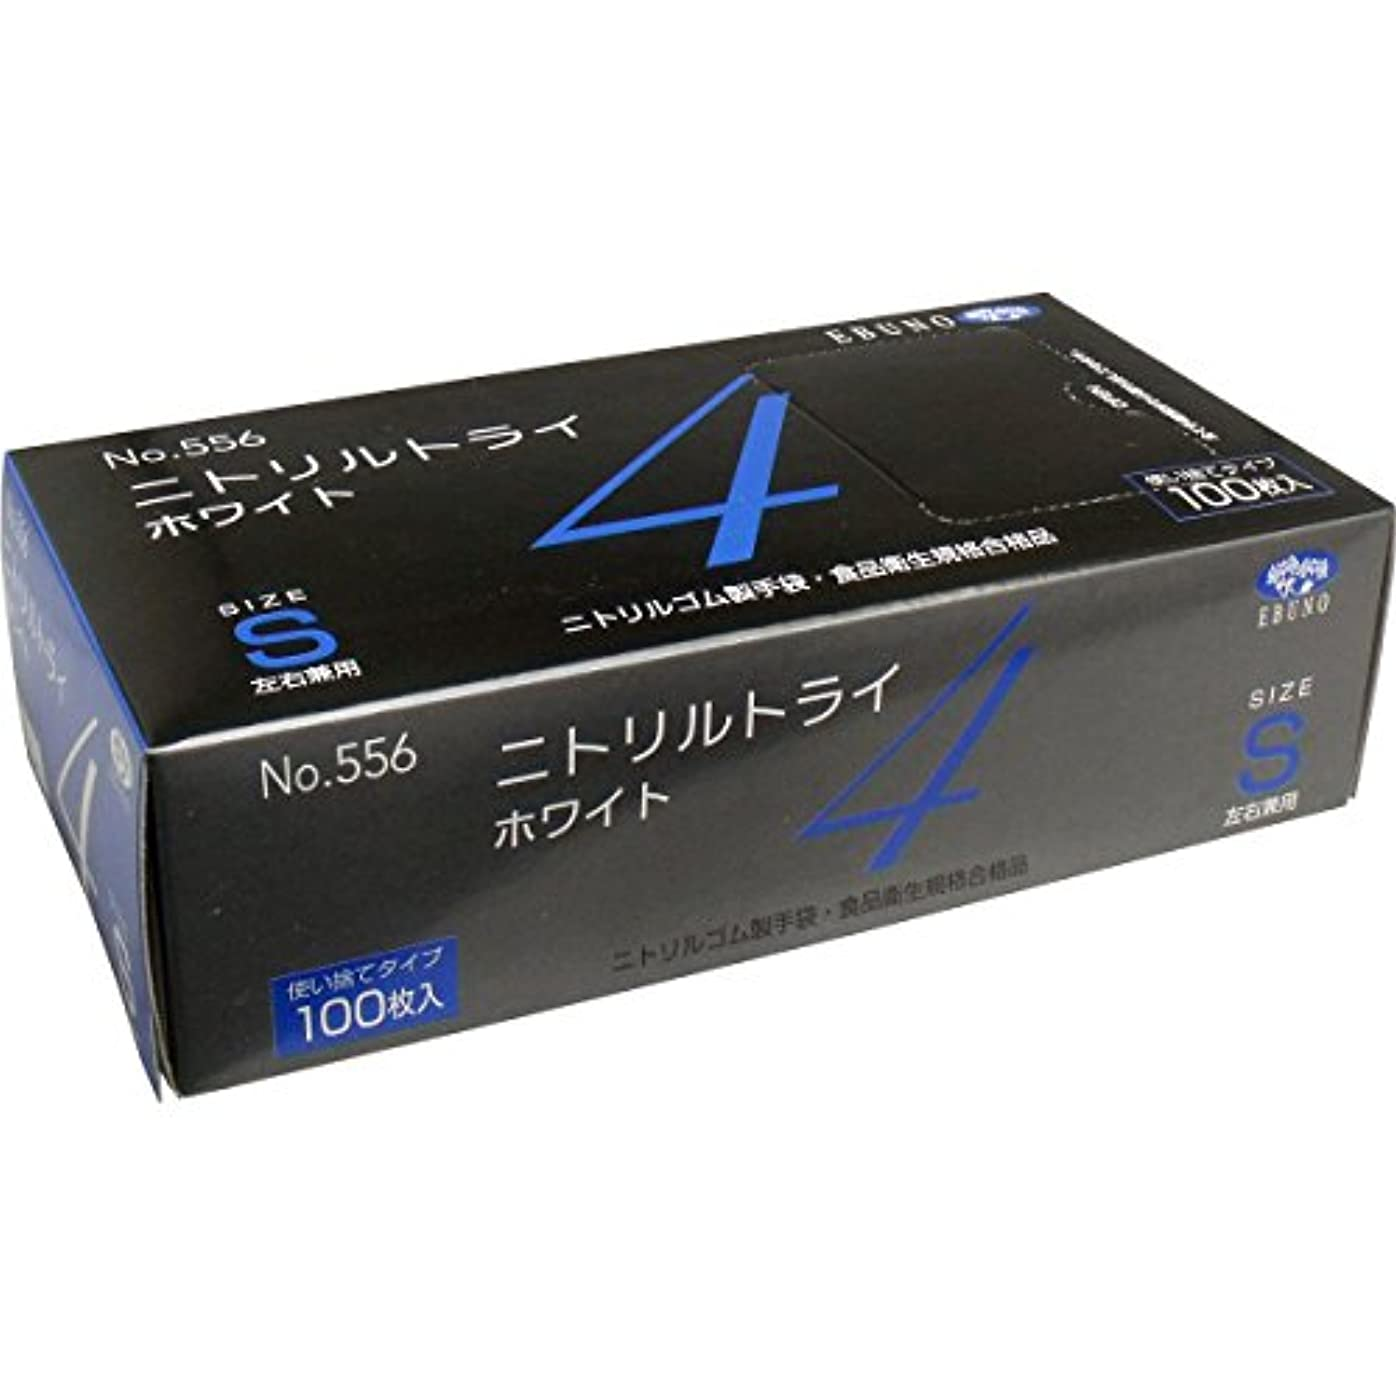 認証系譜志すニトリルトライ4 №556 ホワイト 粉付 Sサイズ 100枚入